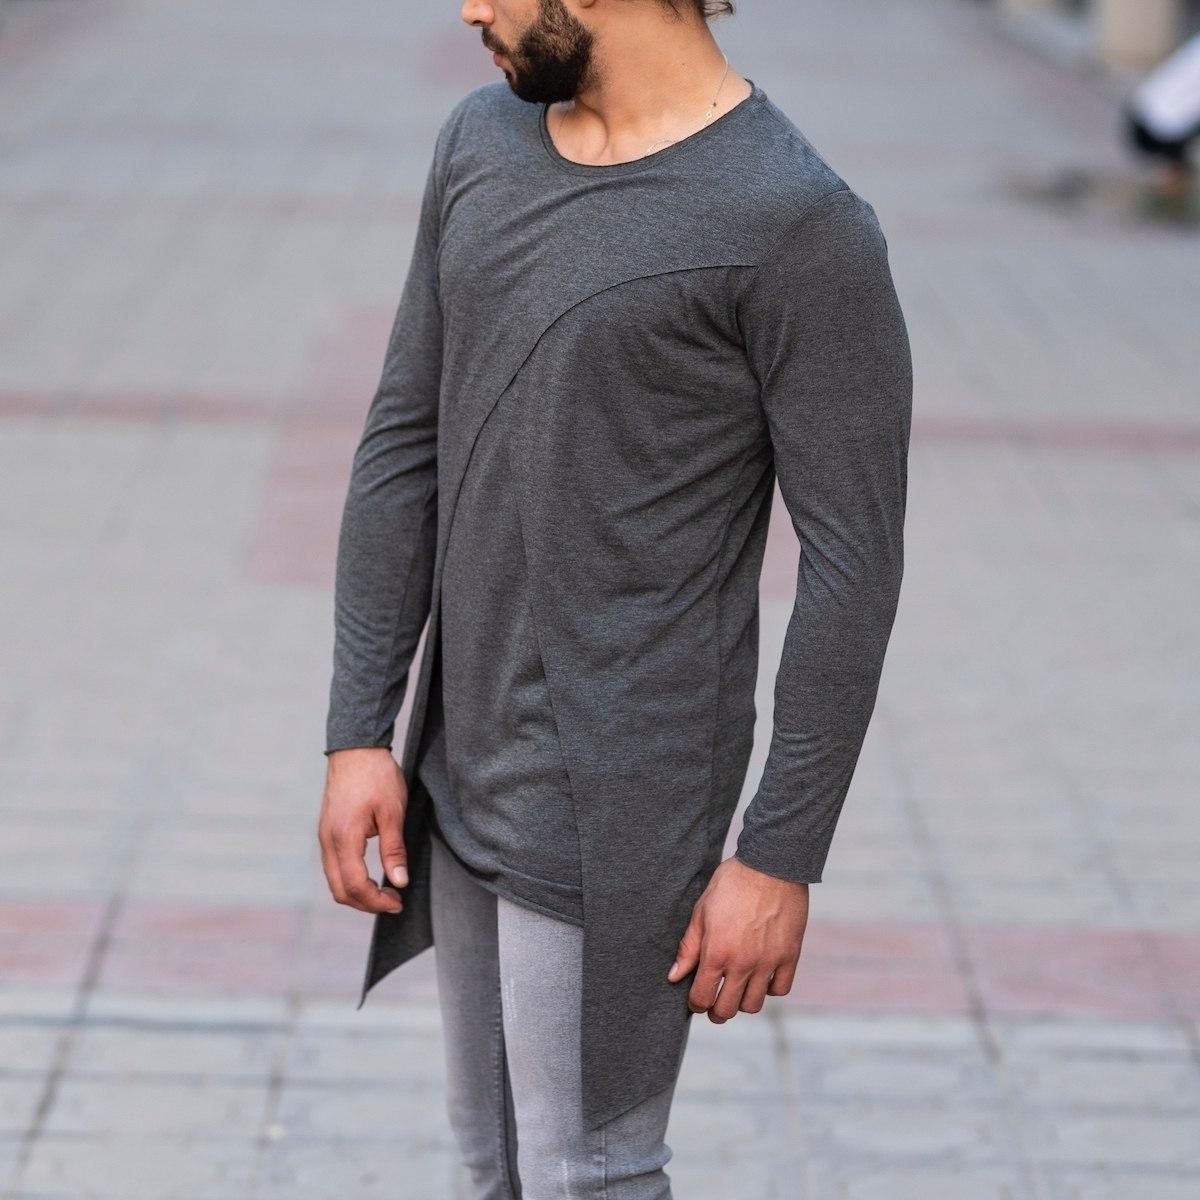 V-Layered Sweatshirt In Gray Mv Premium Brand - 3